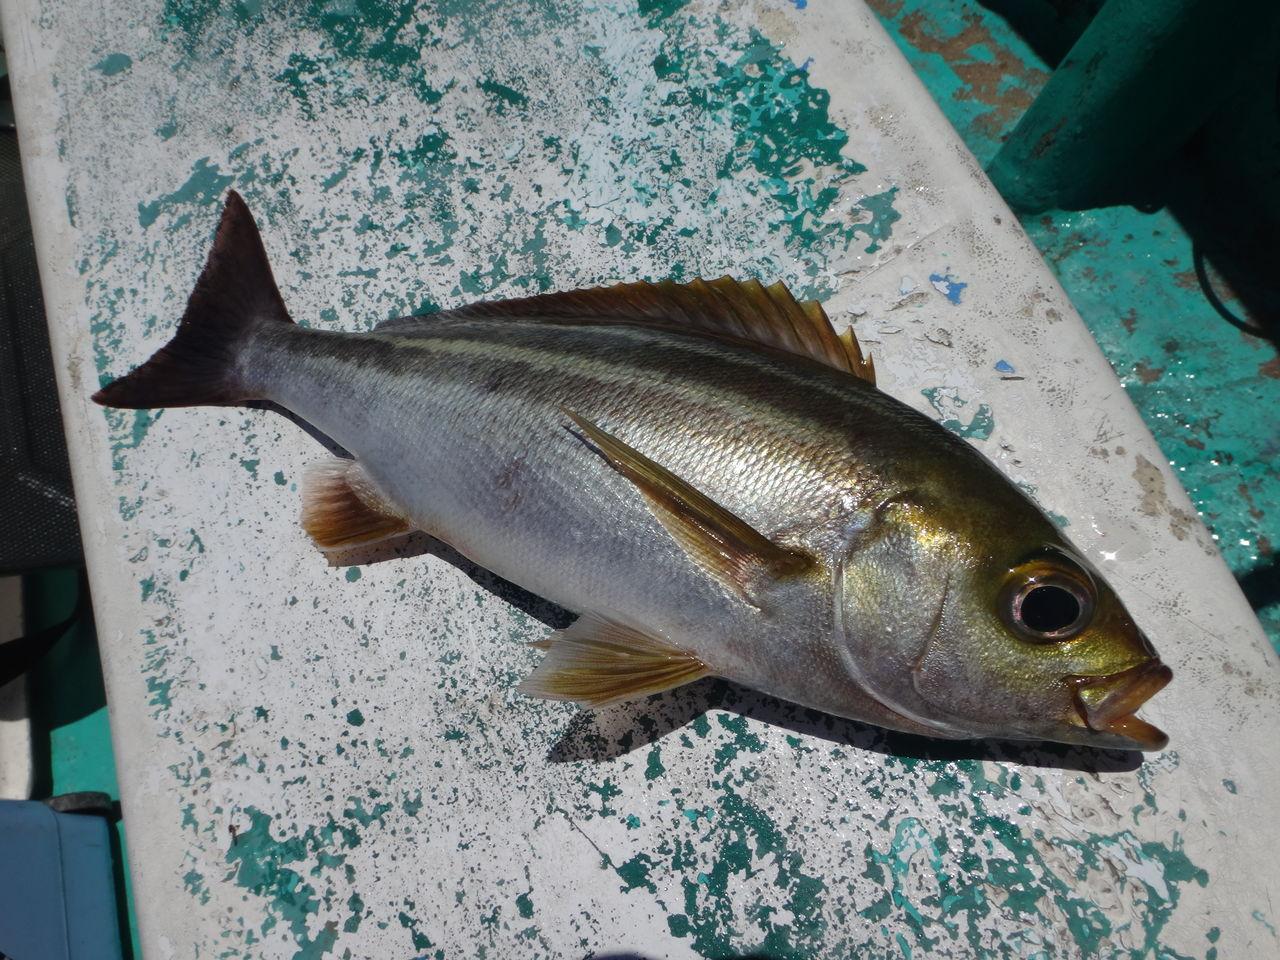 釣りでも食べて人気!淡白な味を味わおうイサキの美味しい料理のサムネイル画像